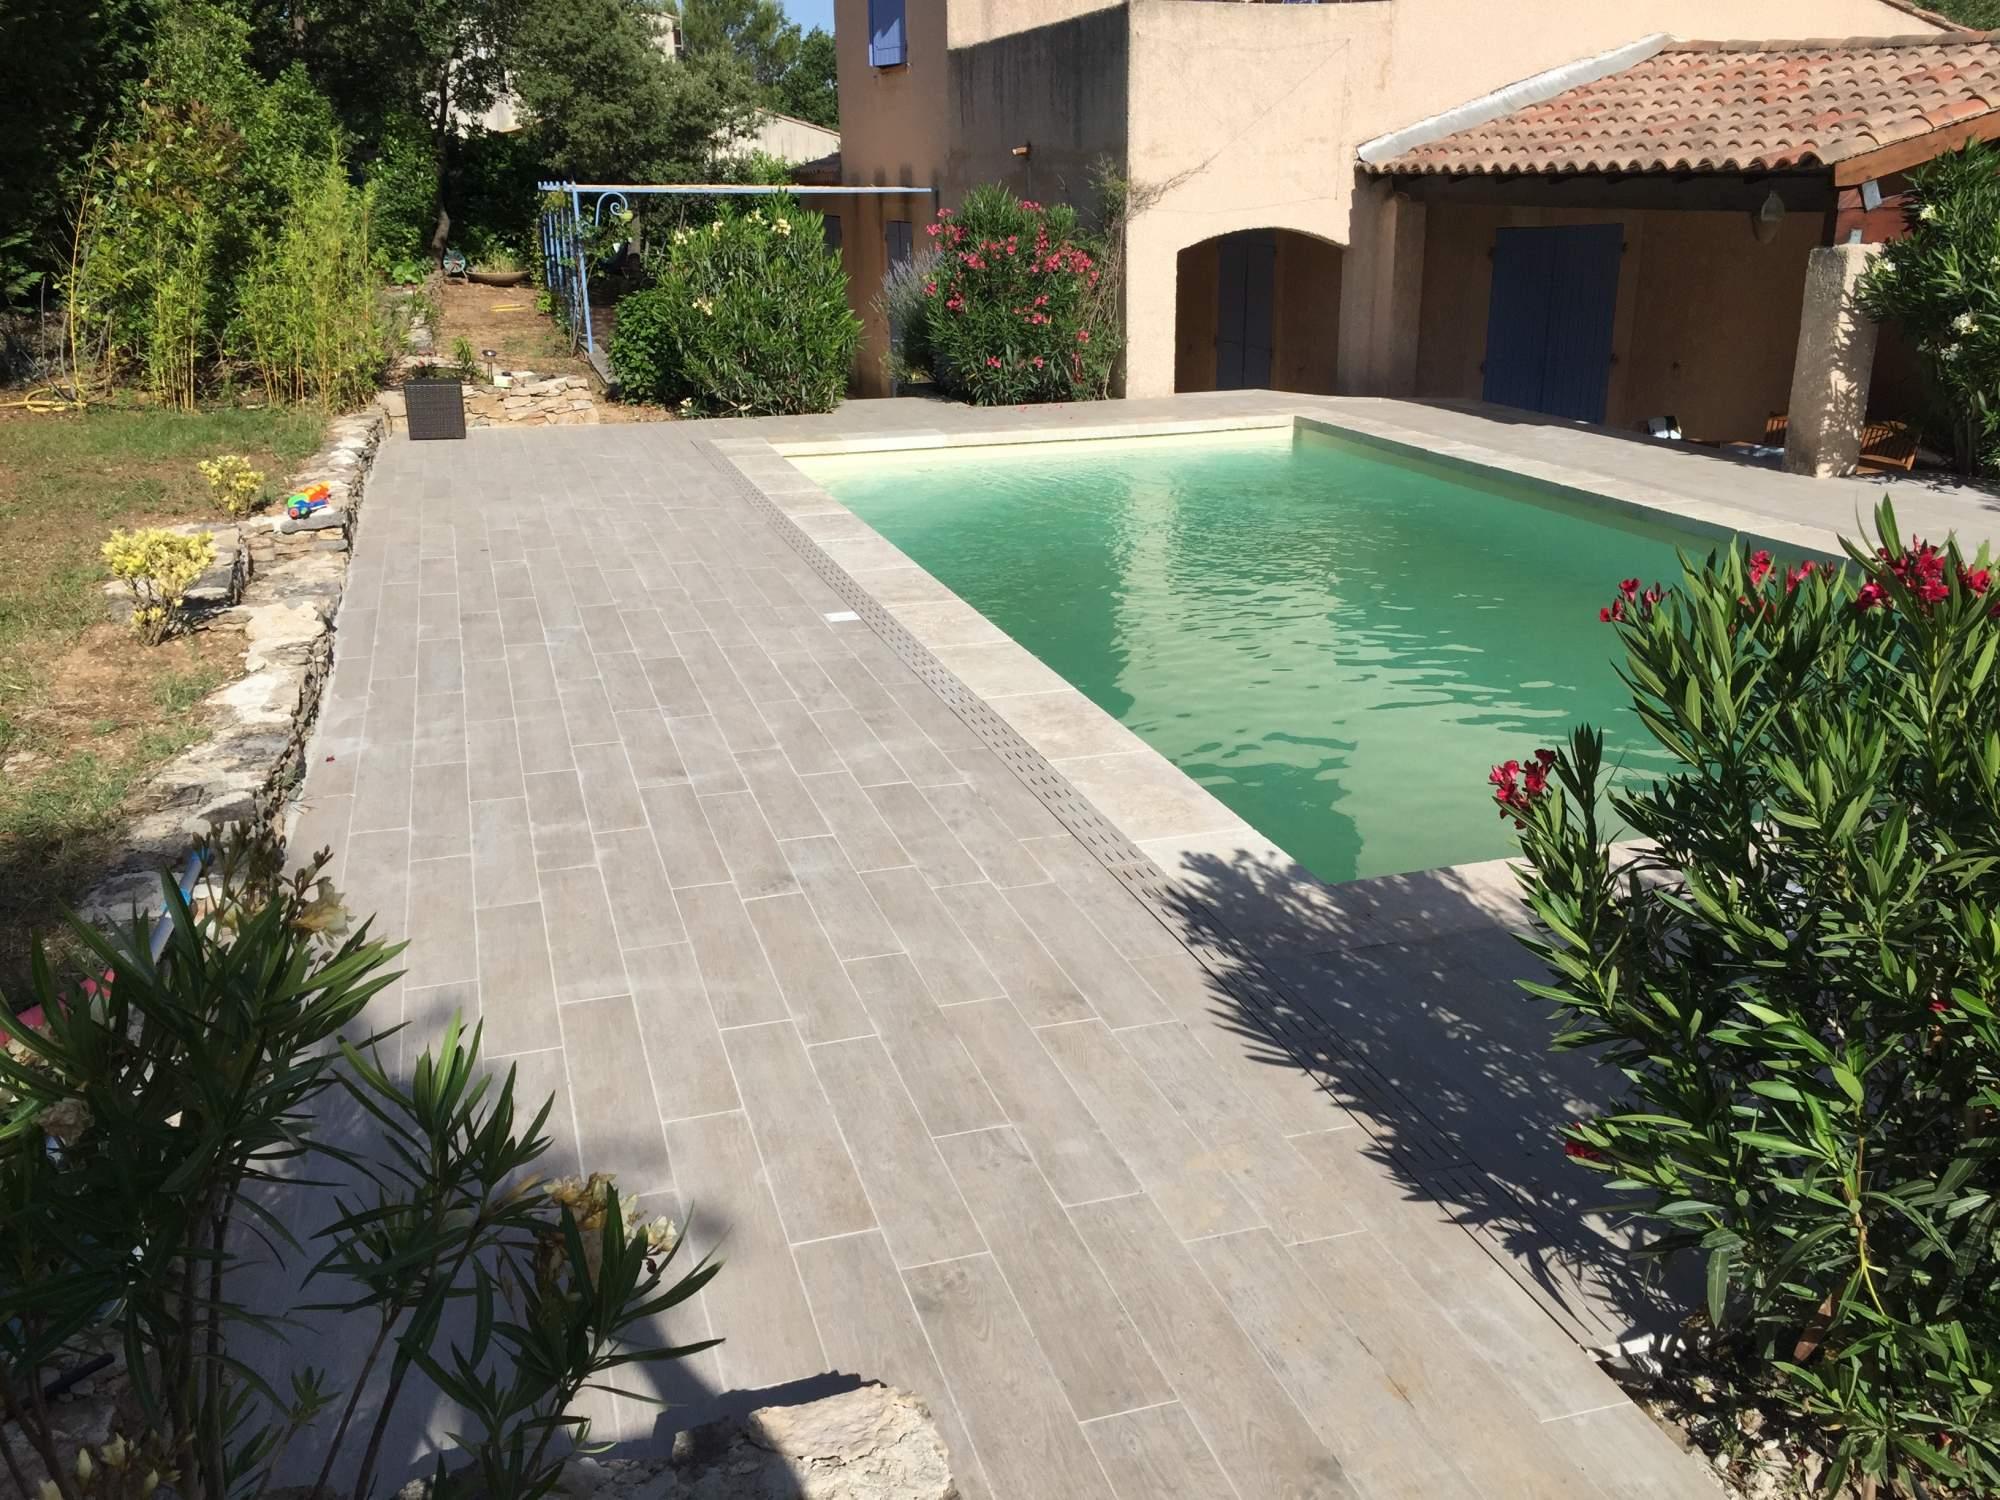 Terrasse margelles de travertin, carreau imitation parquet Aix en Provence - Carrelage intérieur ...